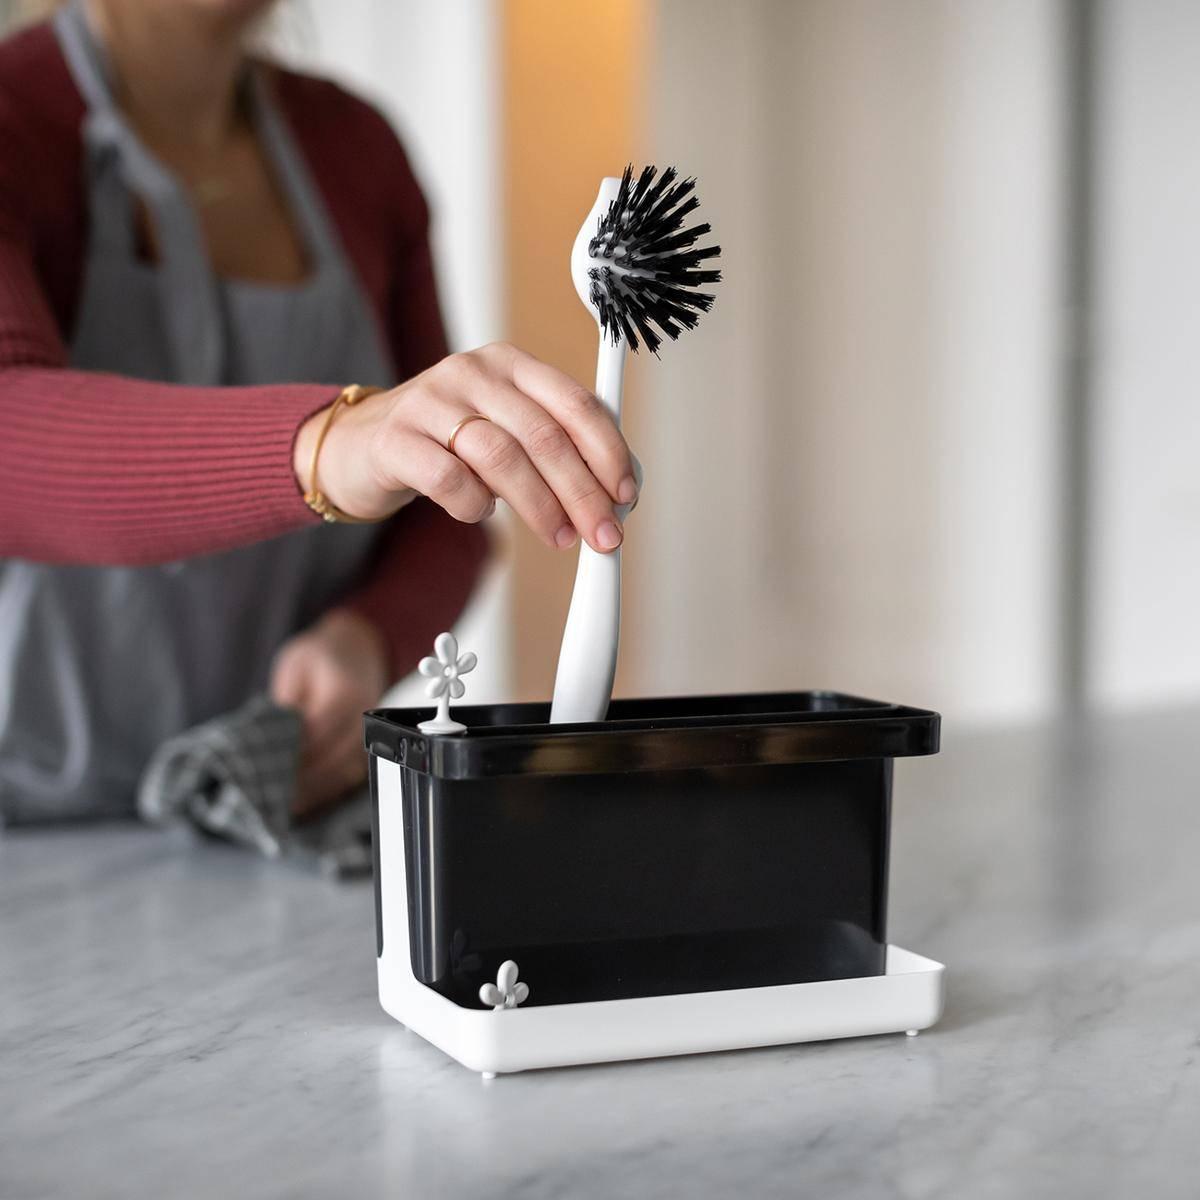 Organizér PARK IT na kuchyňské náčiní - barva černá, KOZIOL